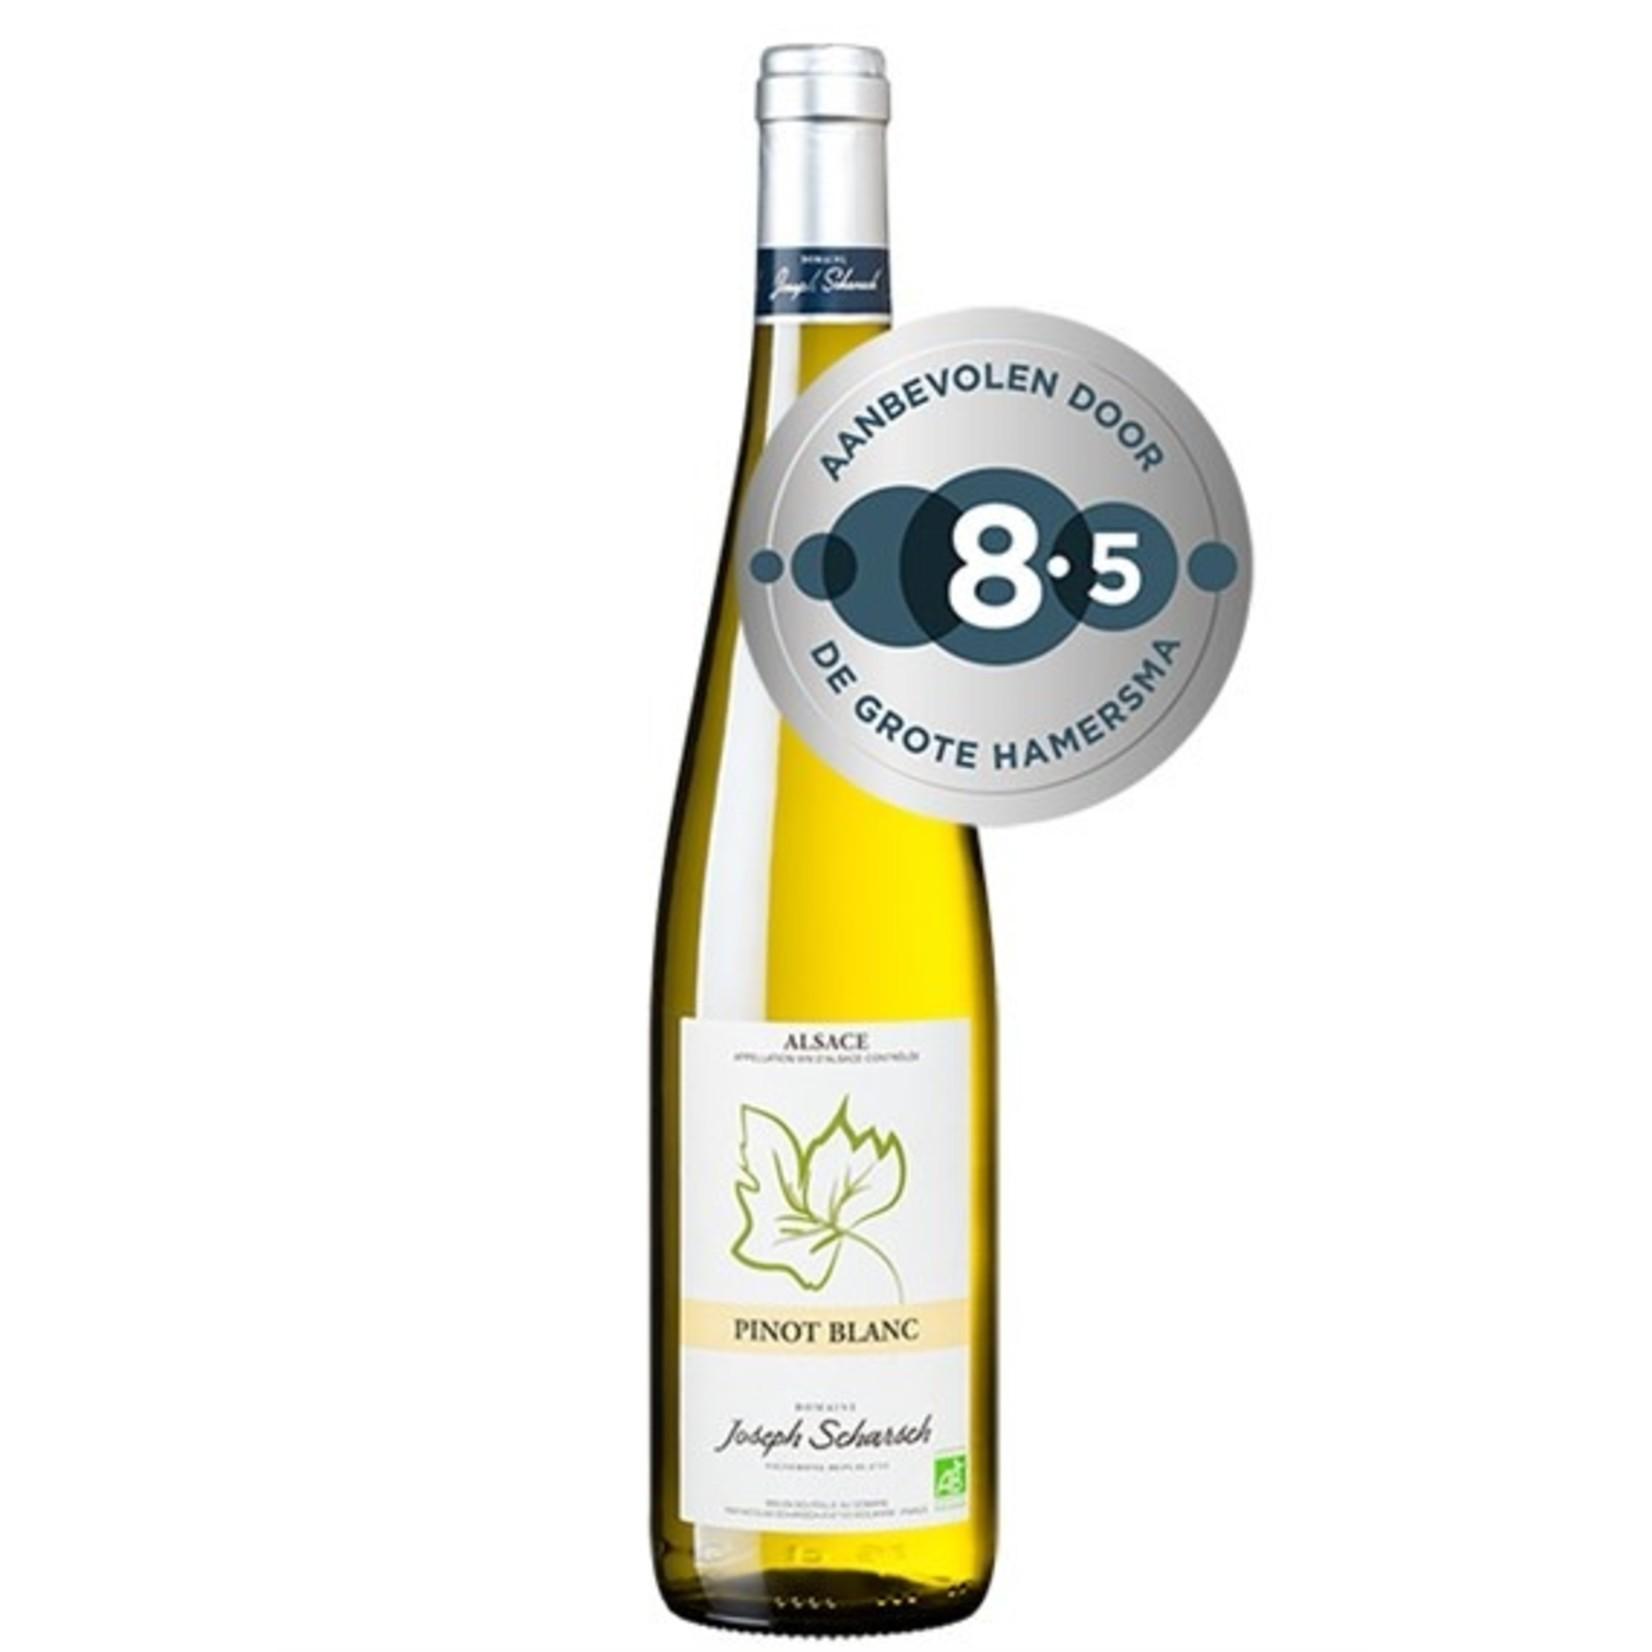 Pinot Blanc, Domaine Joseph Scharsch, 2018